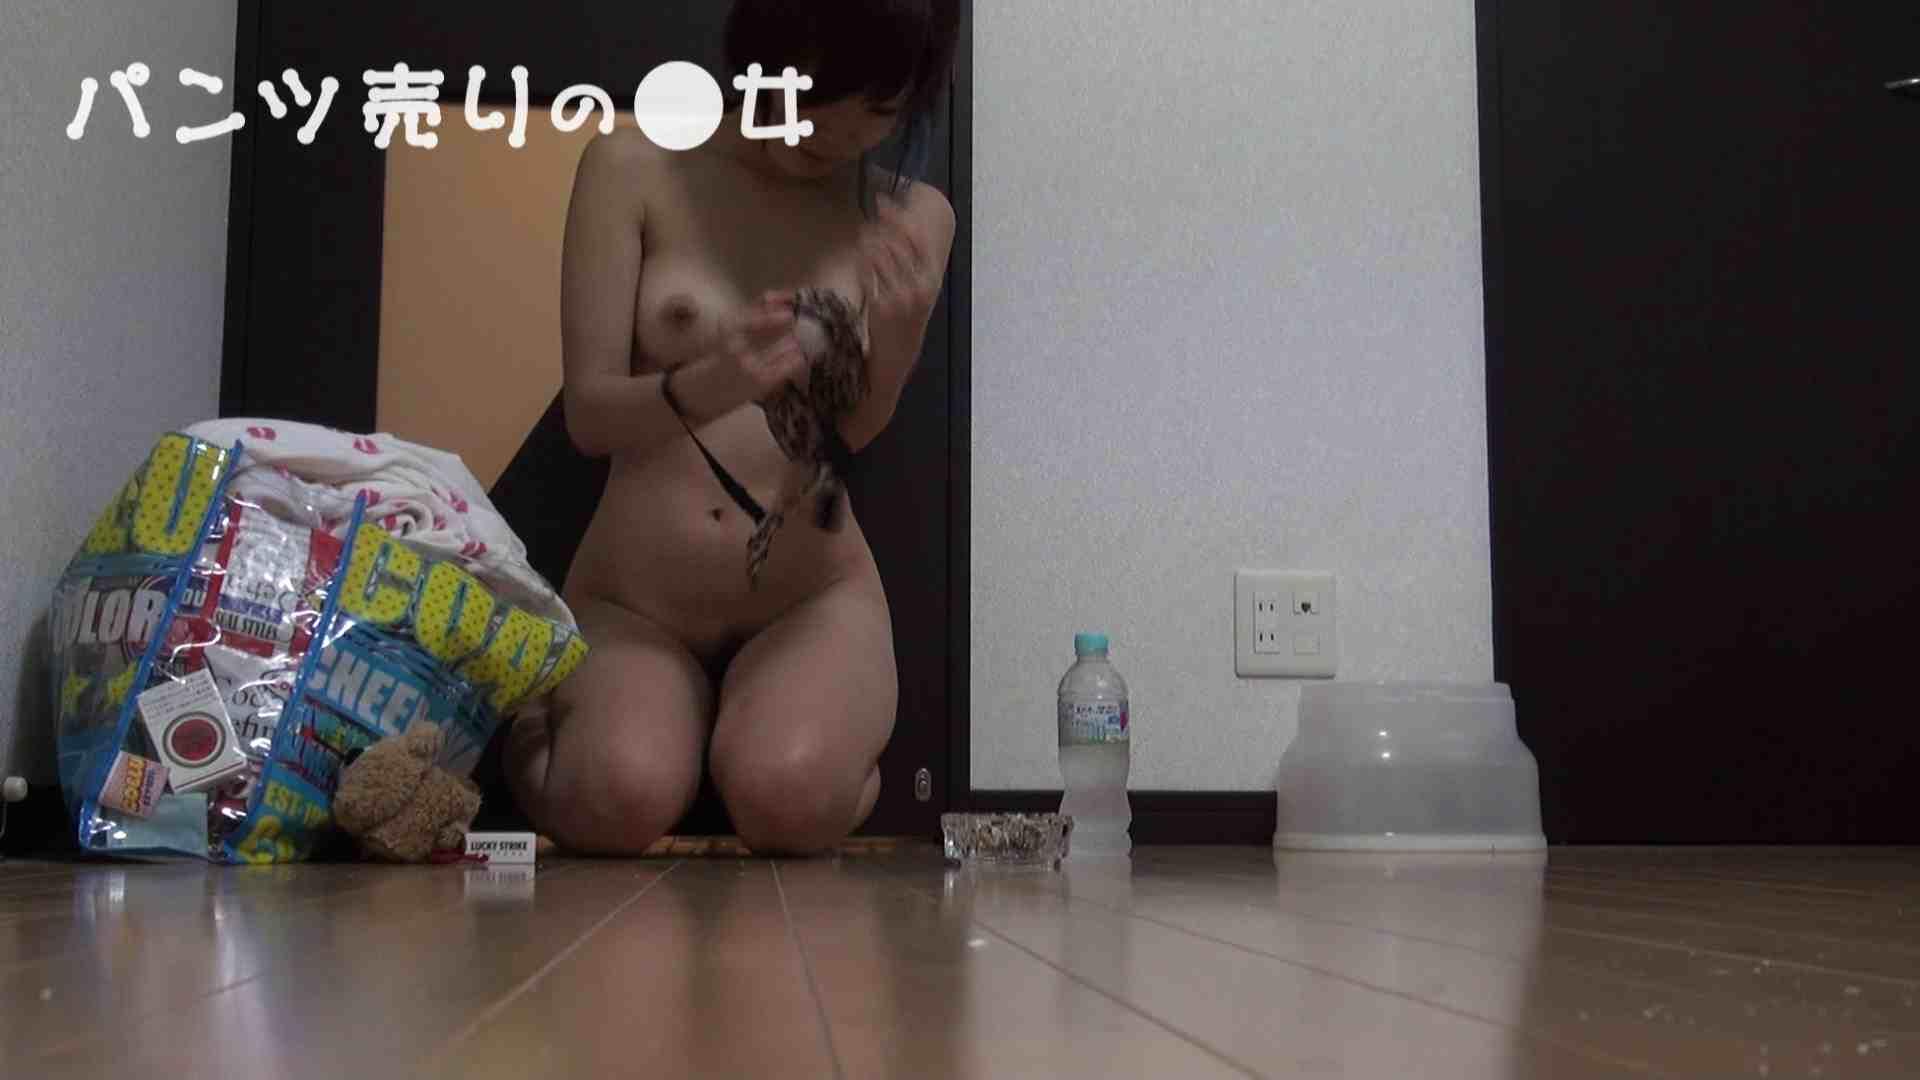 新説 パンツ売りの女の子nana02 一般投稿  74連発 11